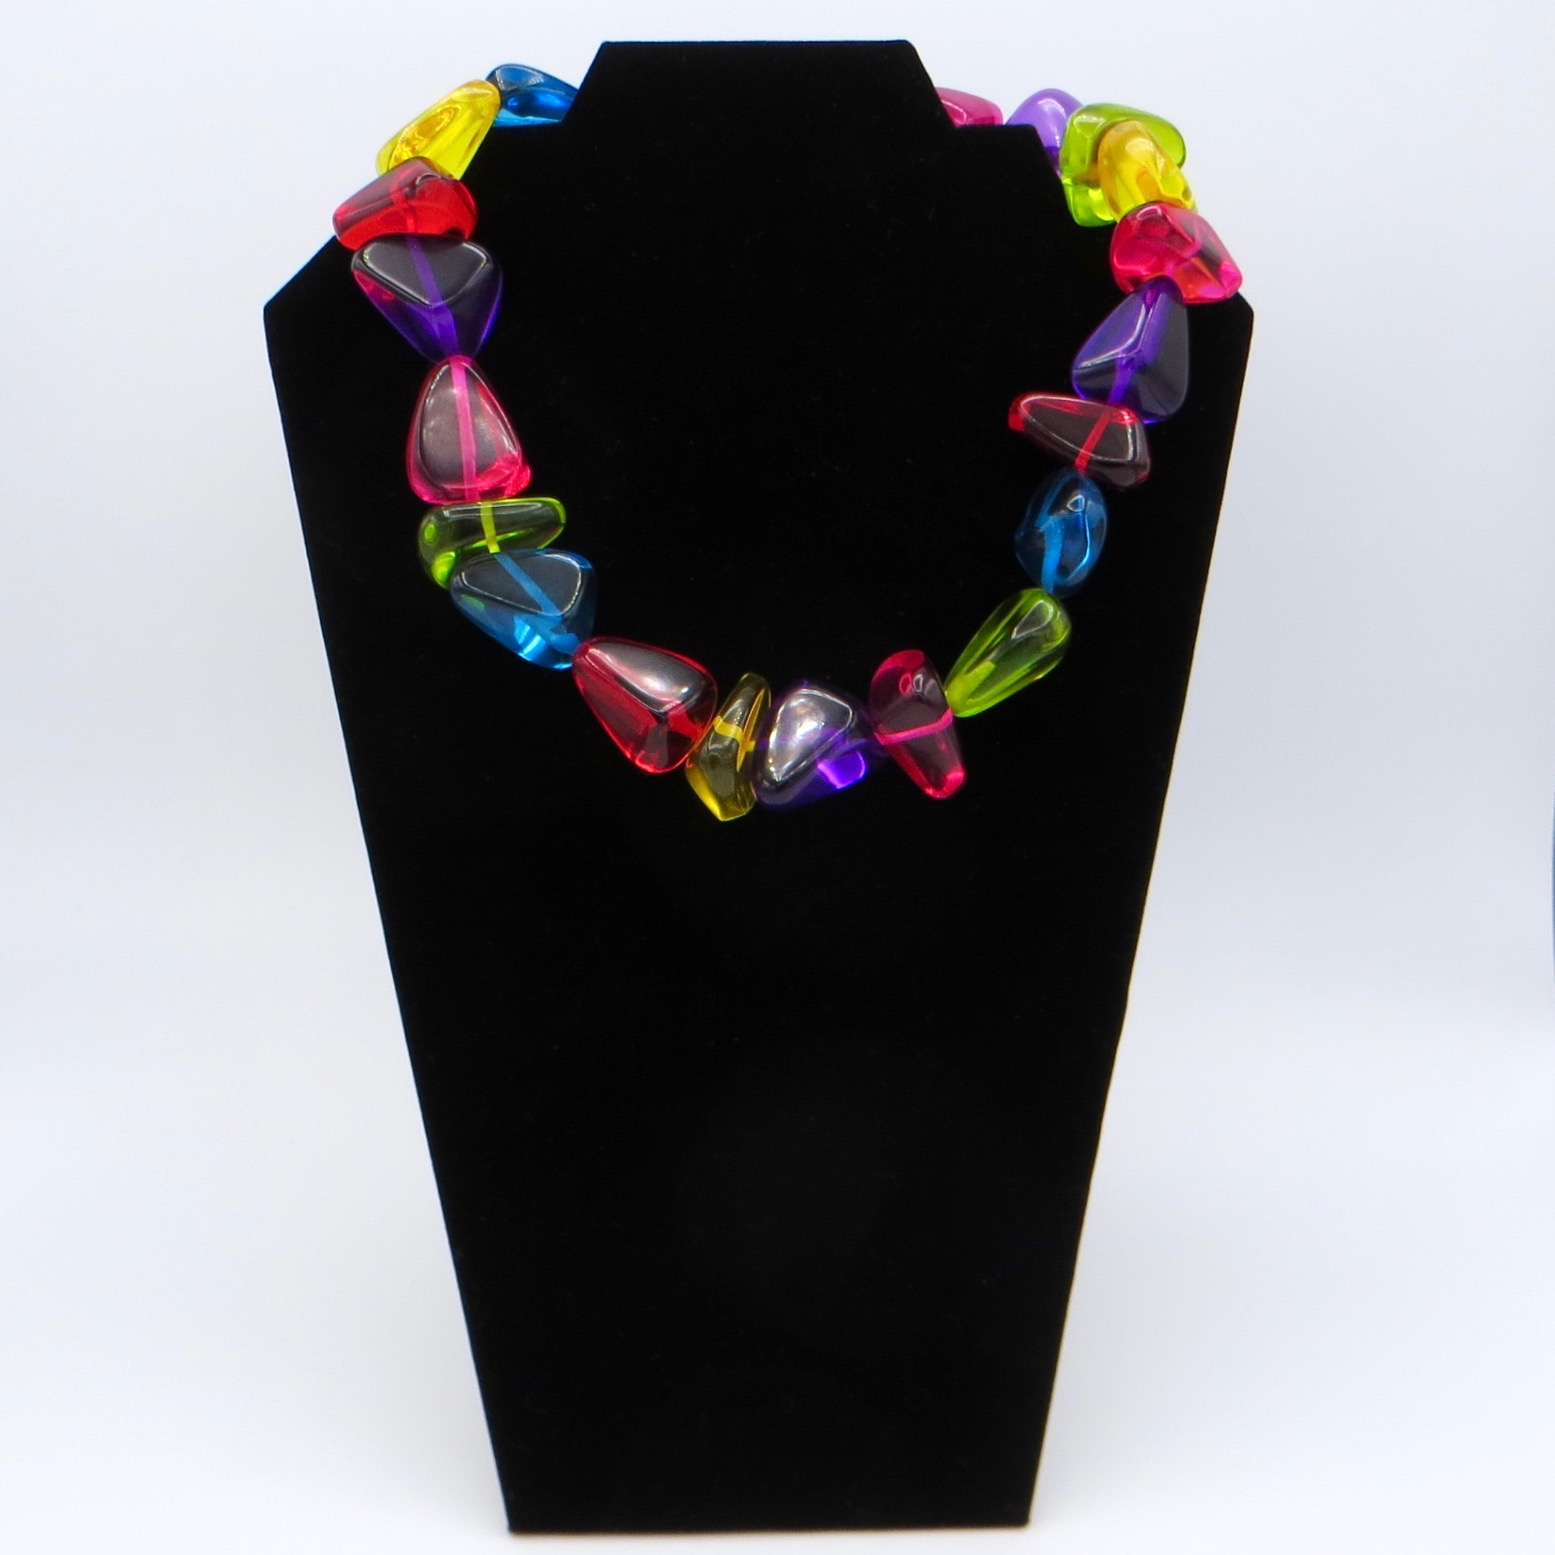 Translucent Sobral Necklace